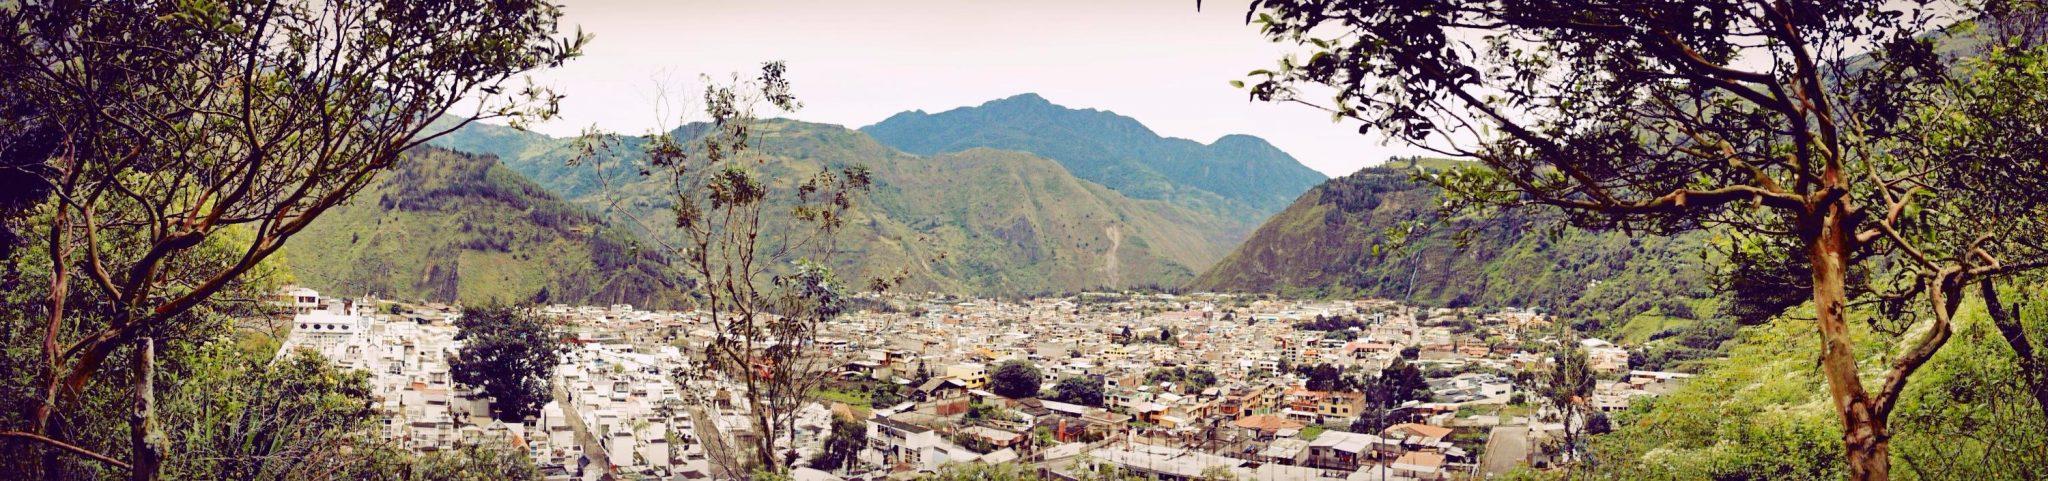 Banos Ecuador Panorama